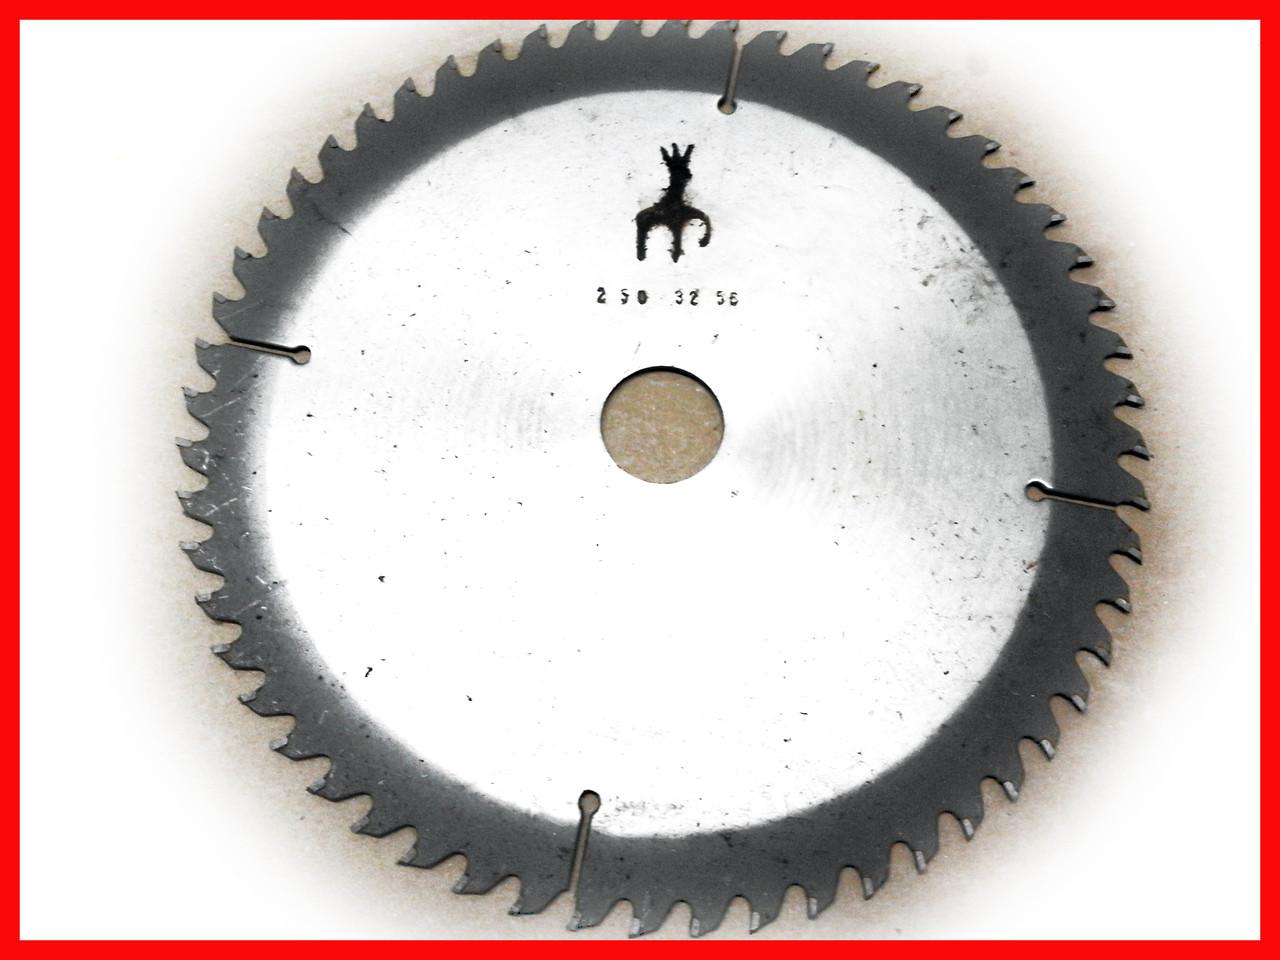 Пильный диск. 250х32. Пильный диск по дереву. Циркулярка. Дисковая пила.